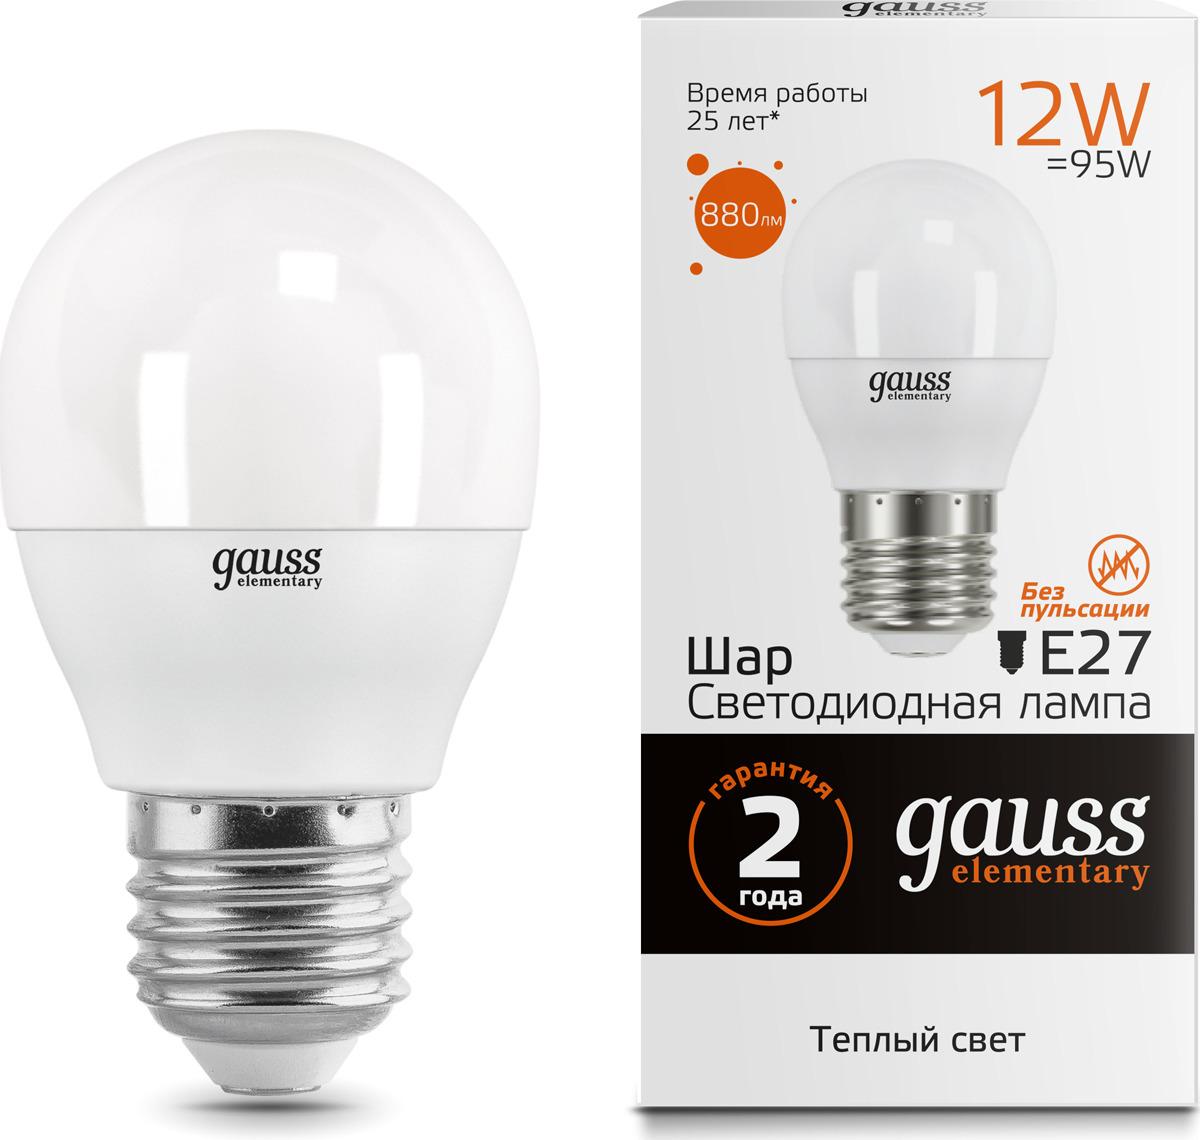 Лампочка Gauss Elementary LED, 53212, шар, E27, 12W